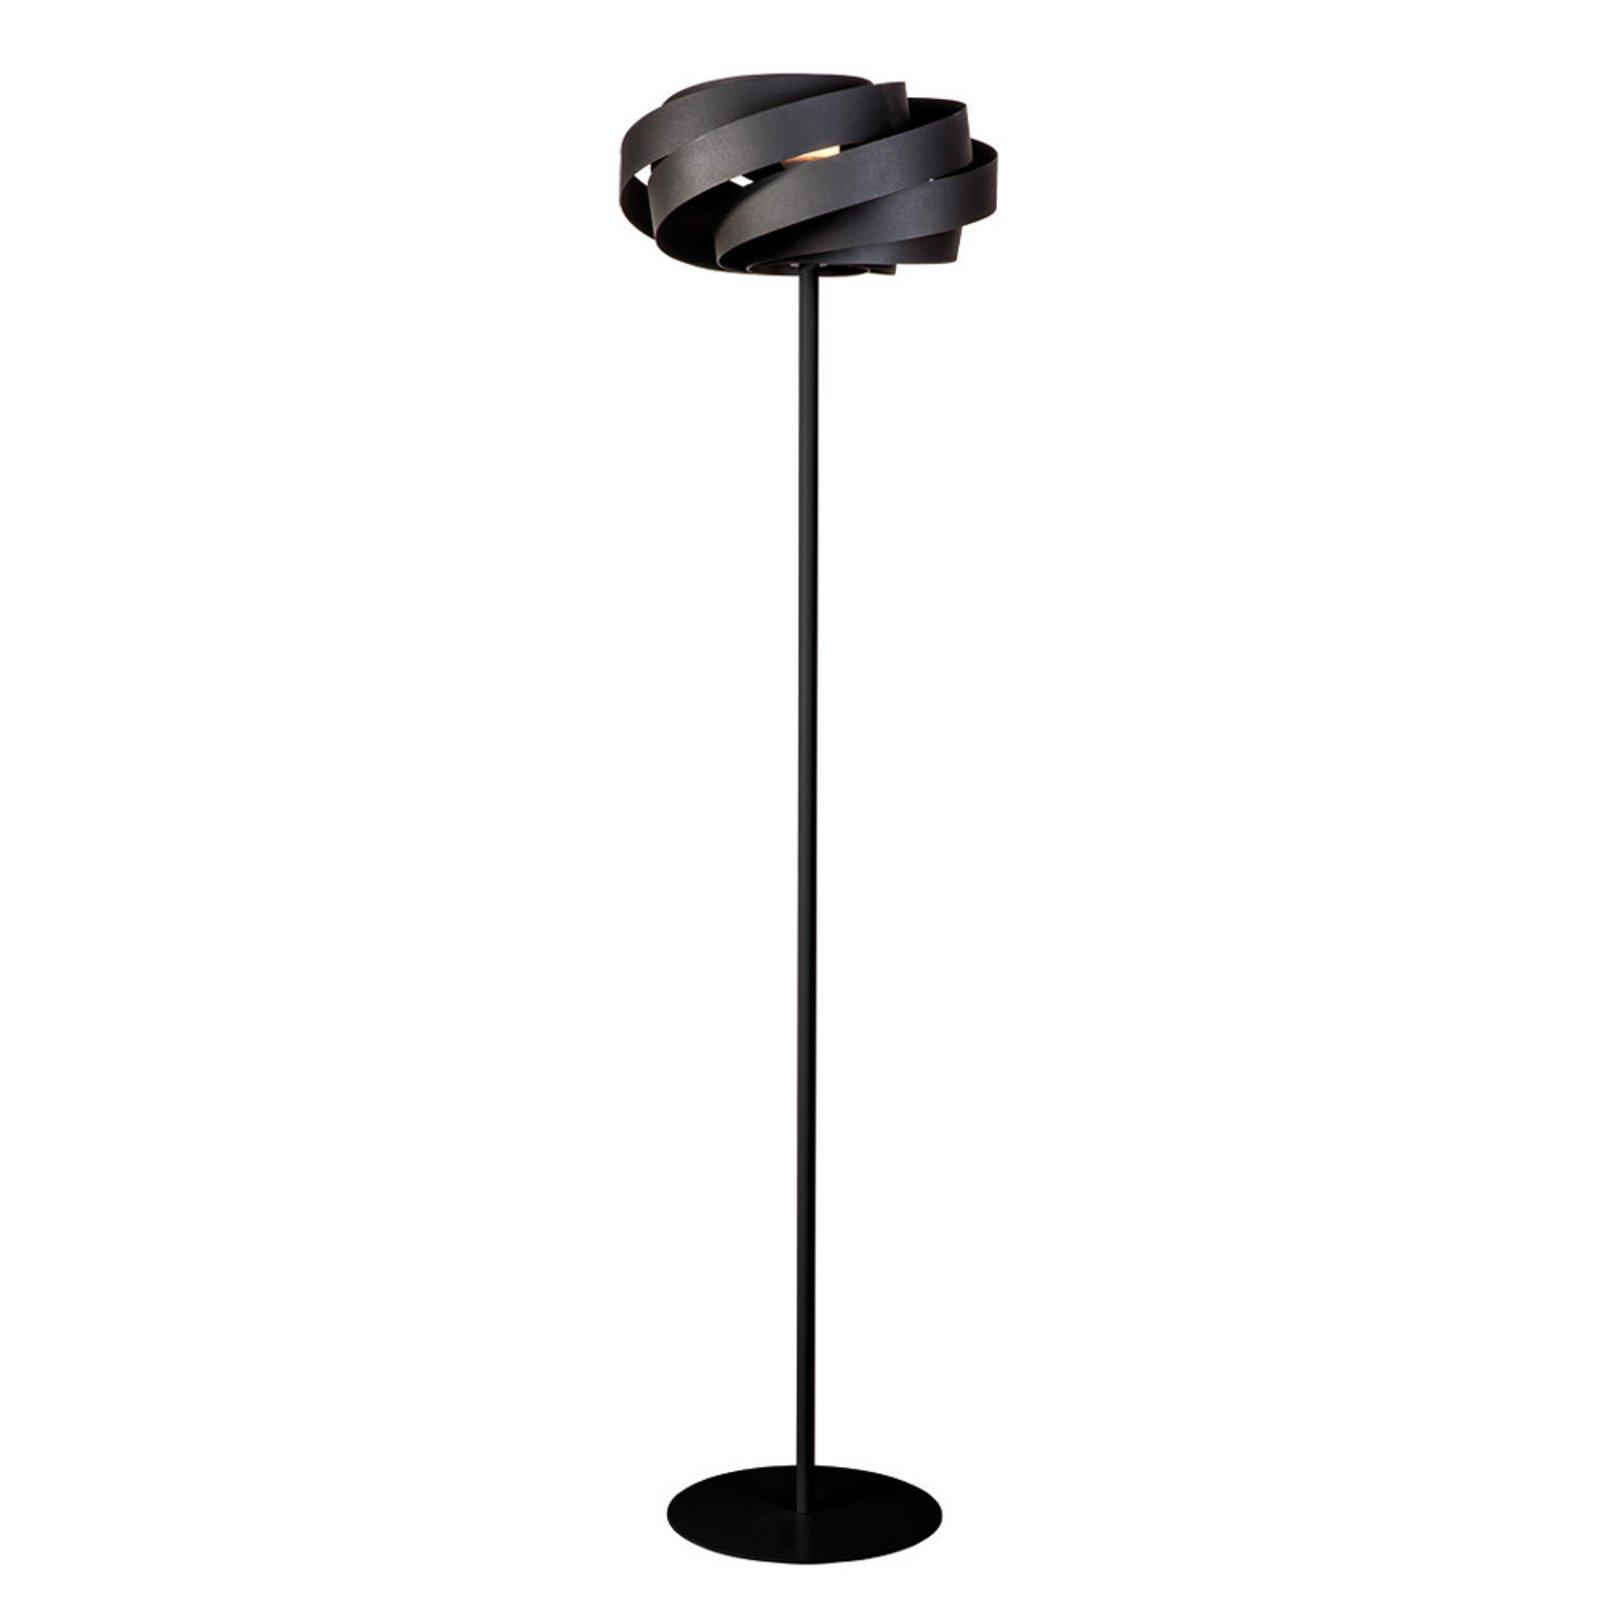 Vento gulvlampe i svart